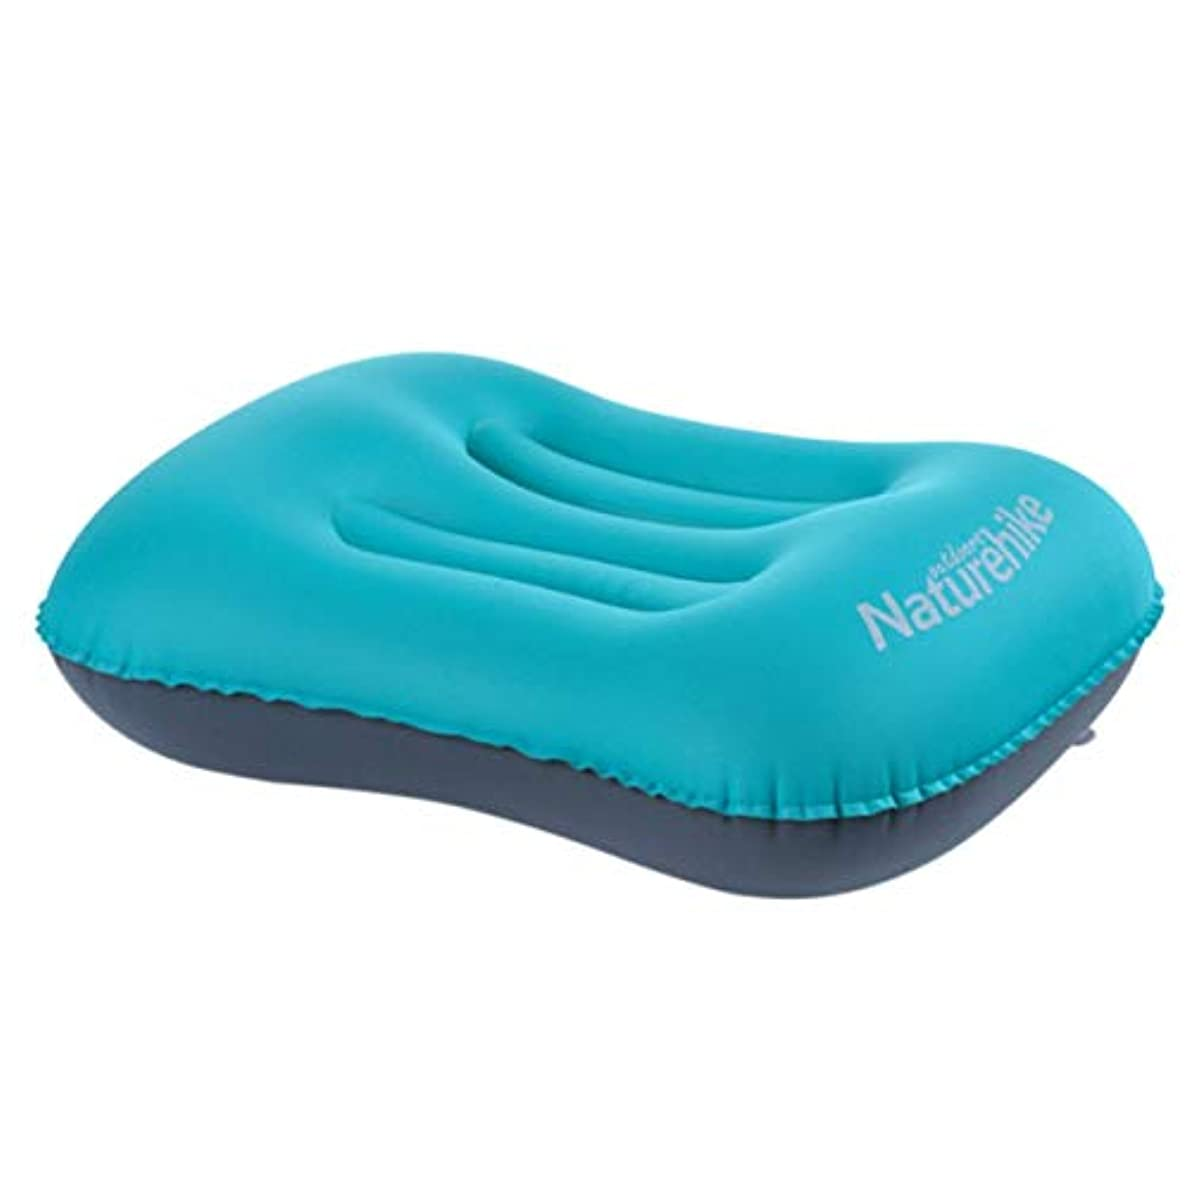 シェトランド諸島収穫最愛のSaikogoods アウトドアキャンプ旅行 ソフトTPU枕のためのミニトラベルピロー 超軽量のポータブル インフレータブル枕 エアクッション 青